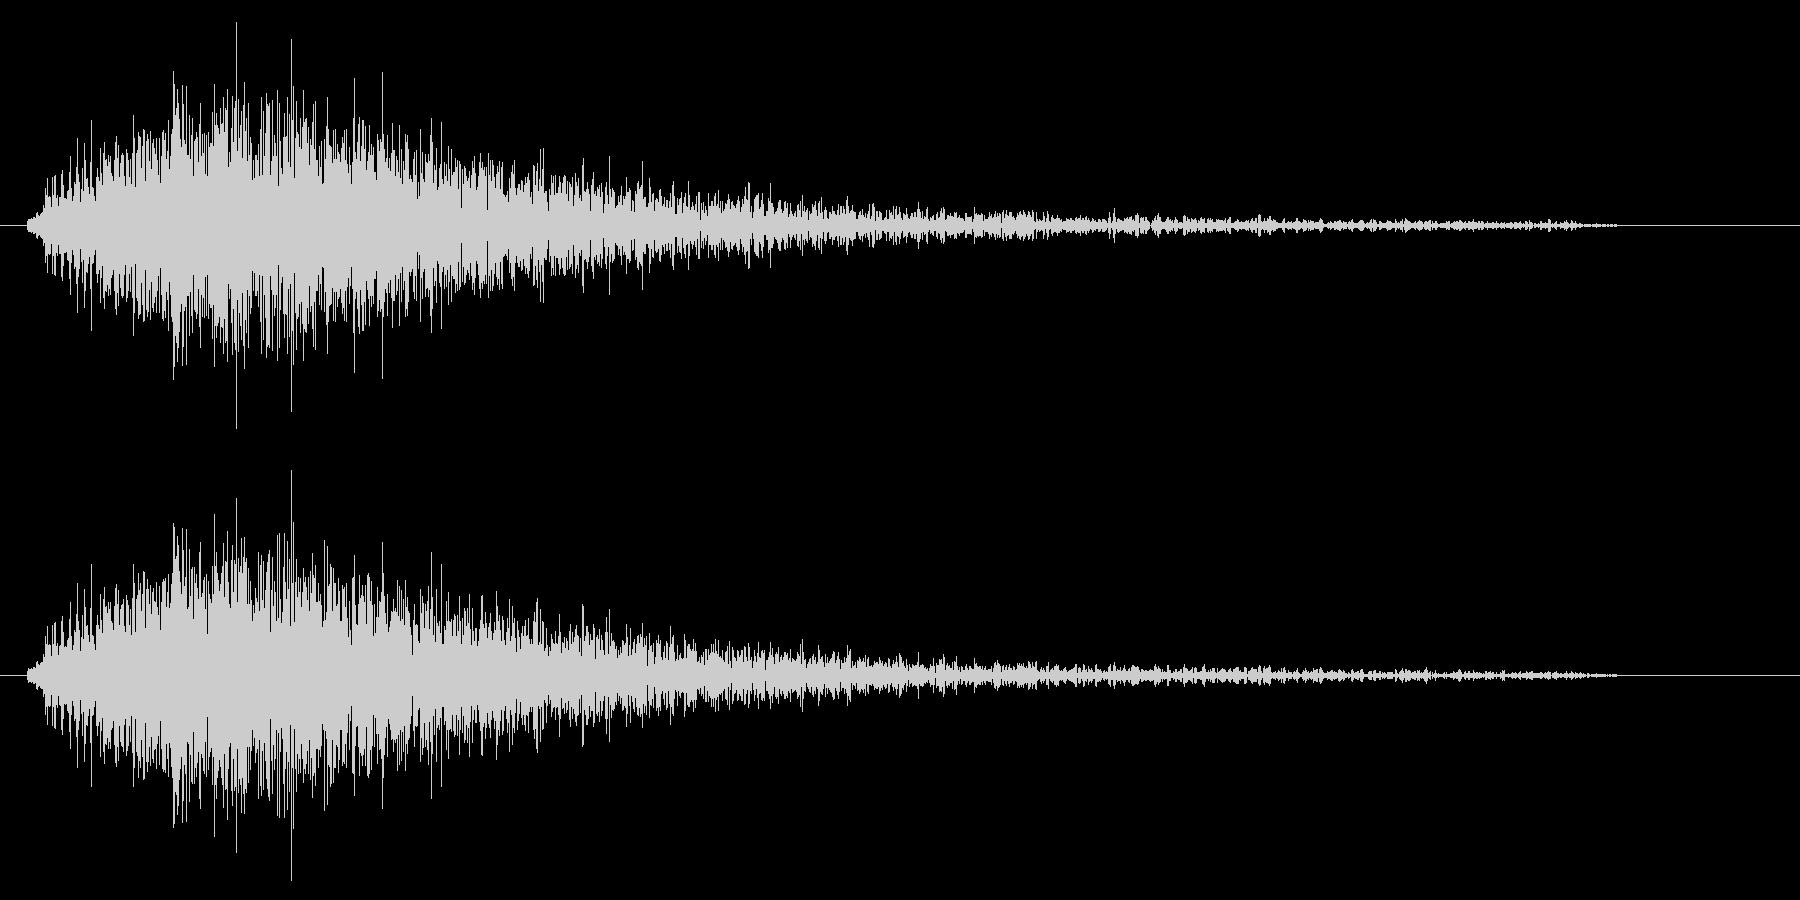 チュワーン(シューティング音)の未再生の波形